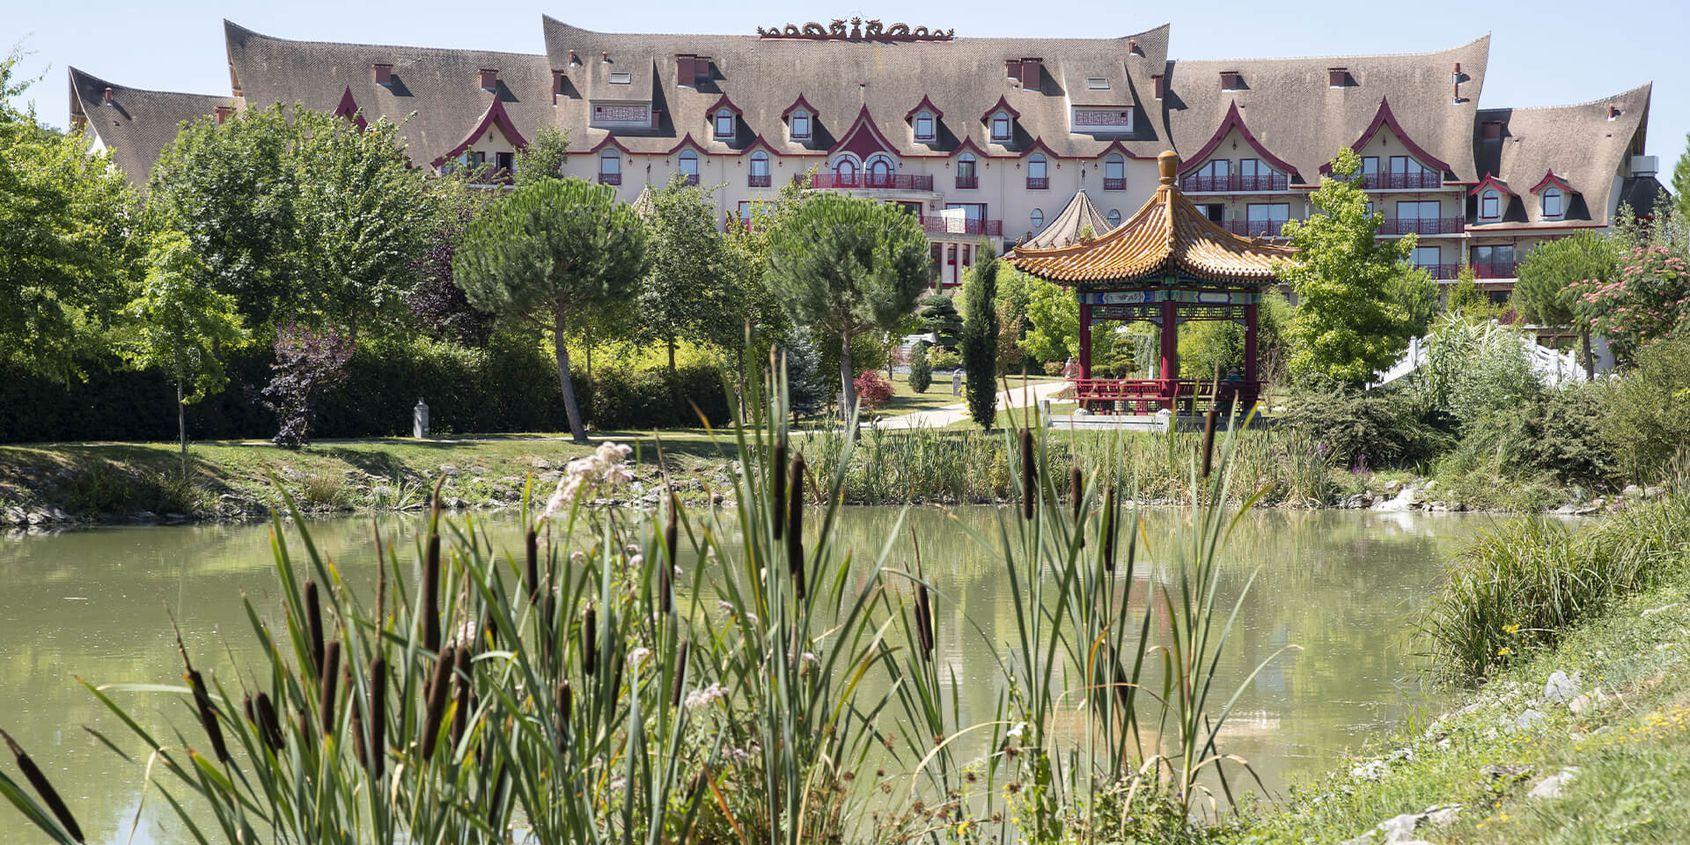 Séjourner aux Pagodes de Beauval - Les hôtels de Beauval